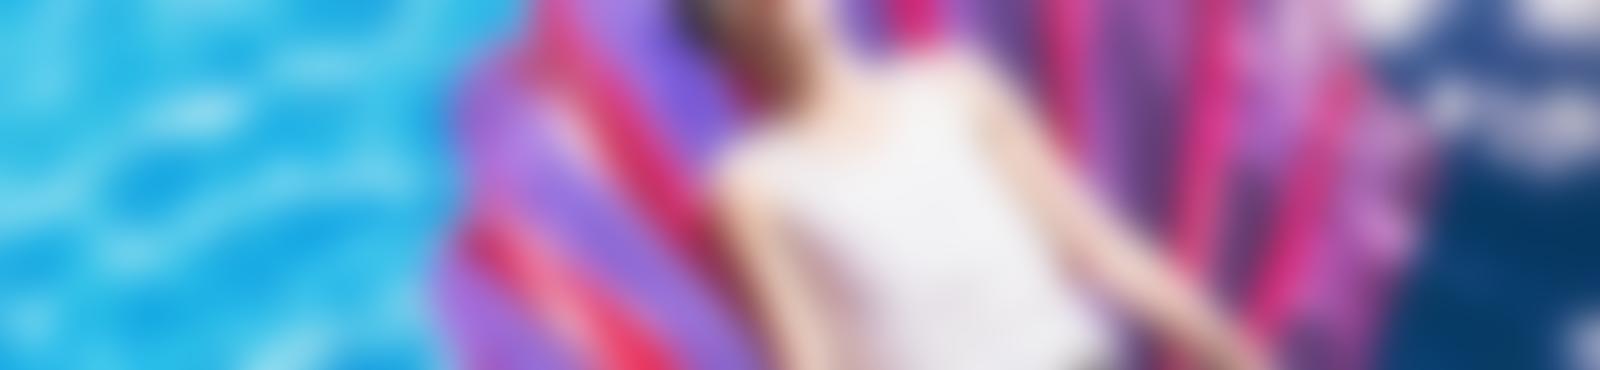 Blurred 7ec29ff0 60d8 4fac 948c b41835b39946